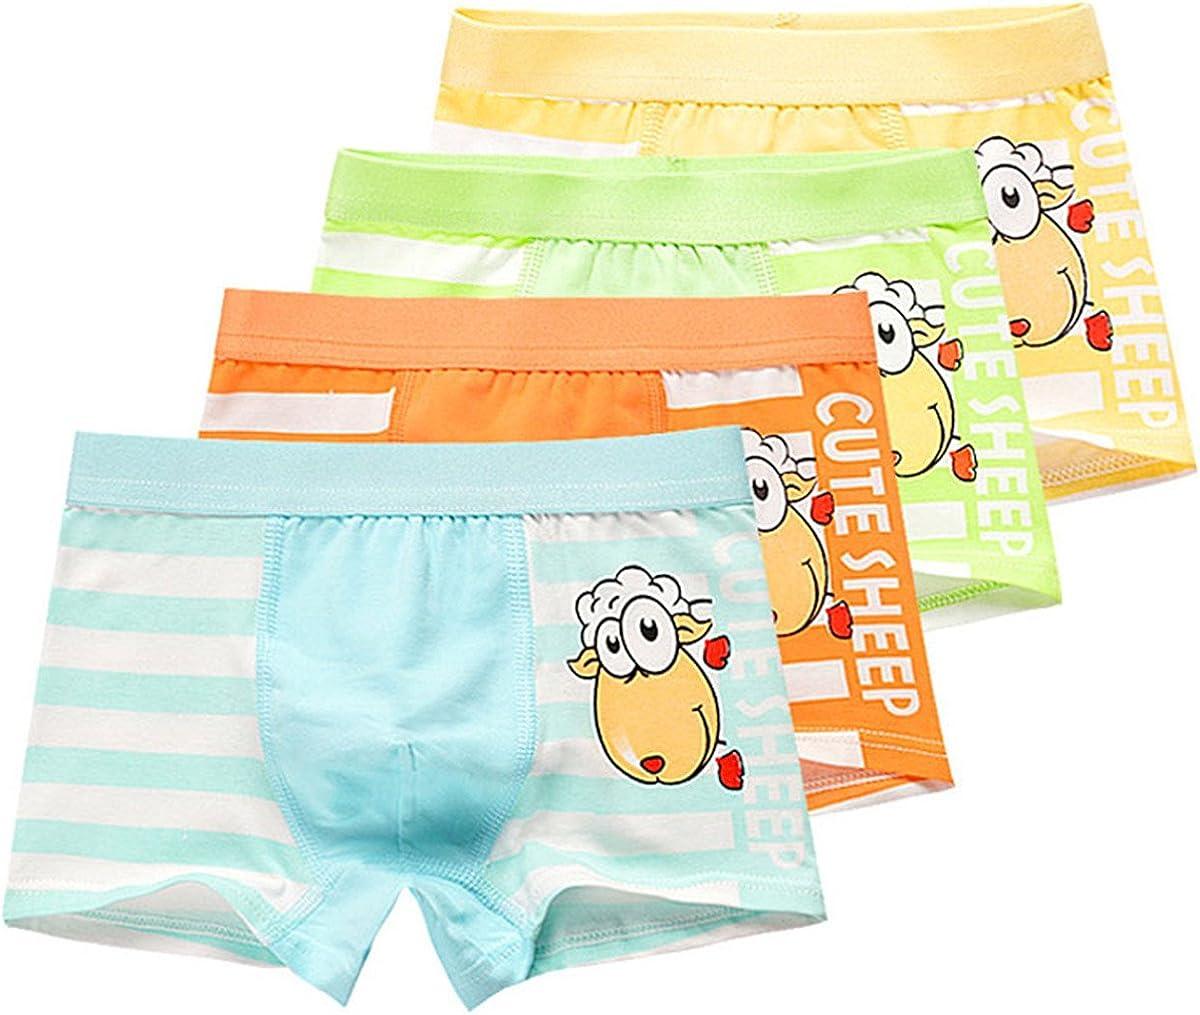 JELEUON Little Kids Boys Cartoon Print Boy-Leg Shorts Briefs Underwear Boxer Panties 4 Pack